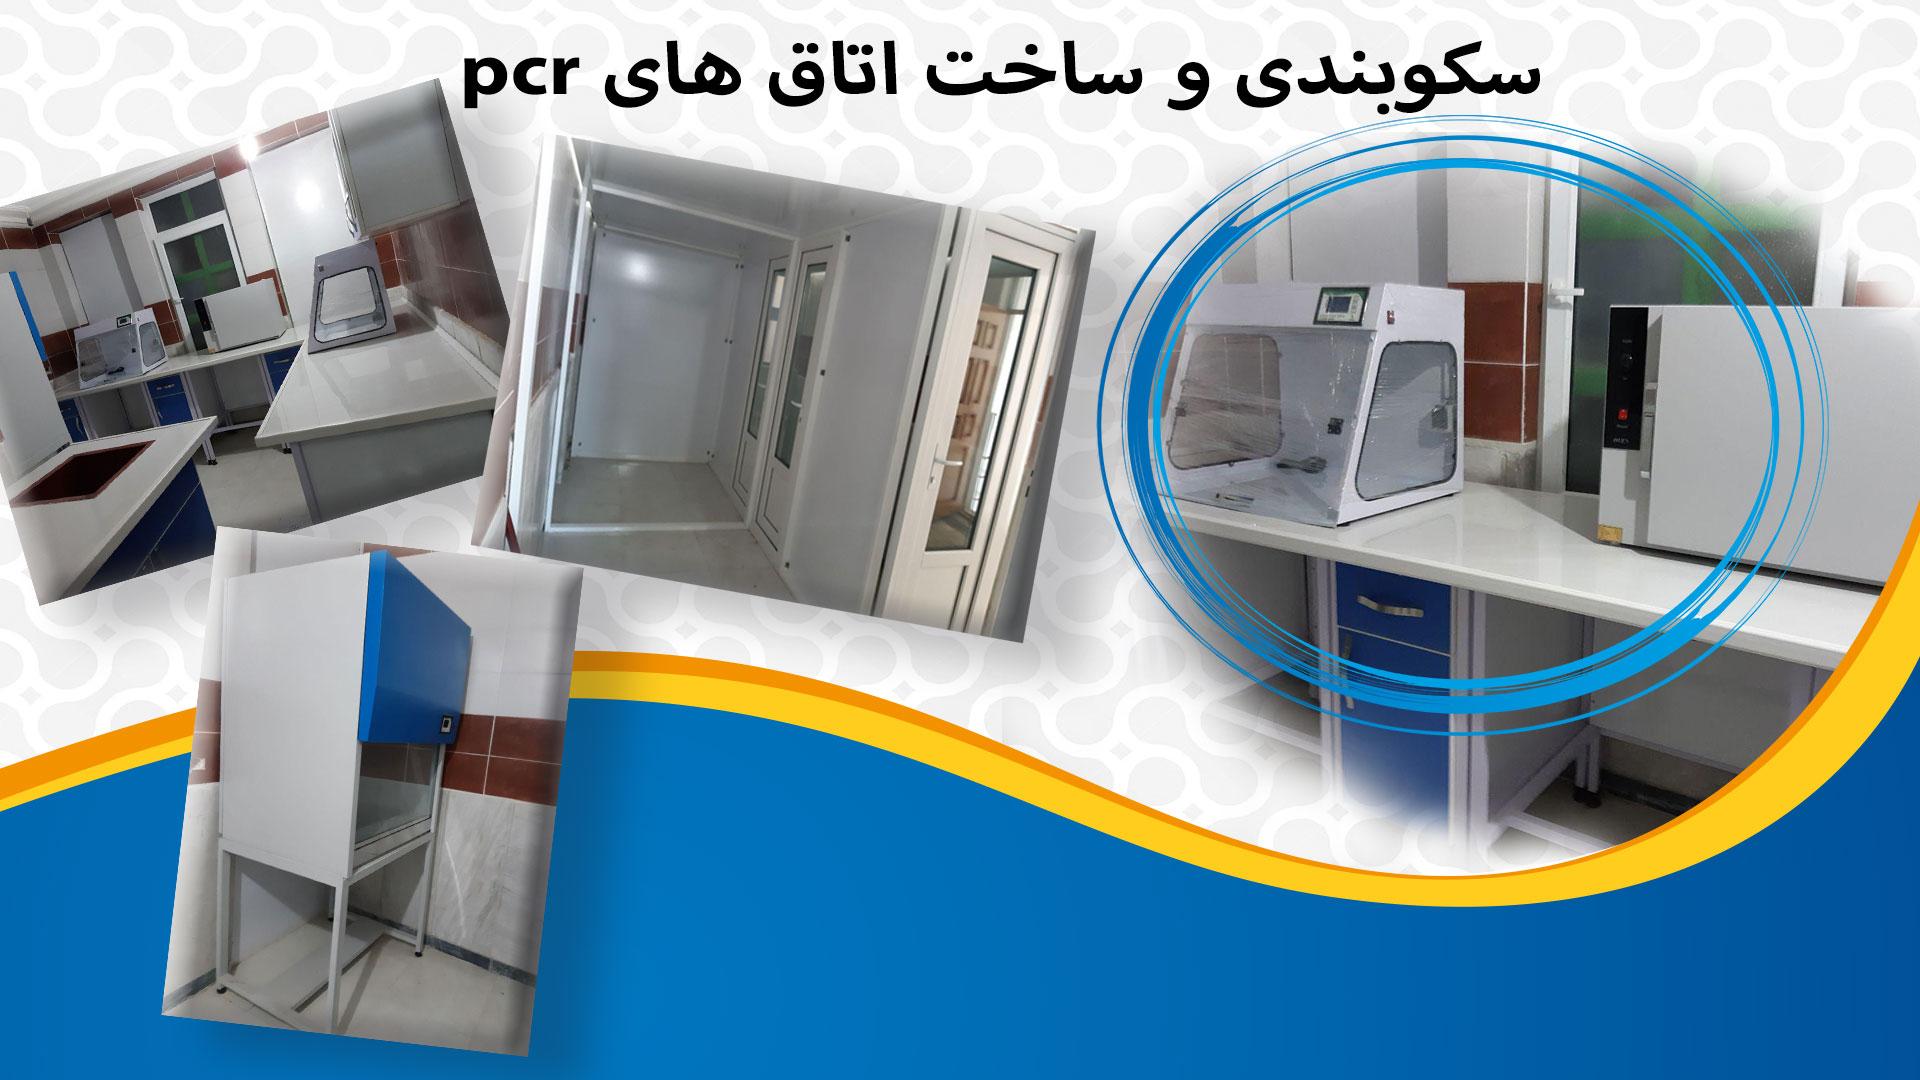 سکوبندی و ساخت اتاق هایpcr